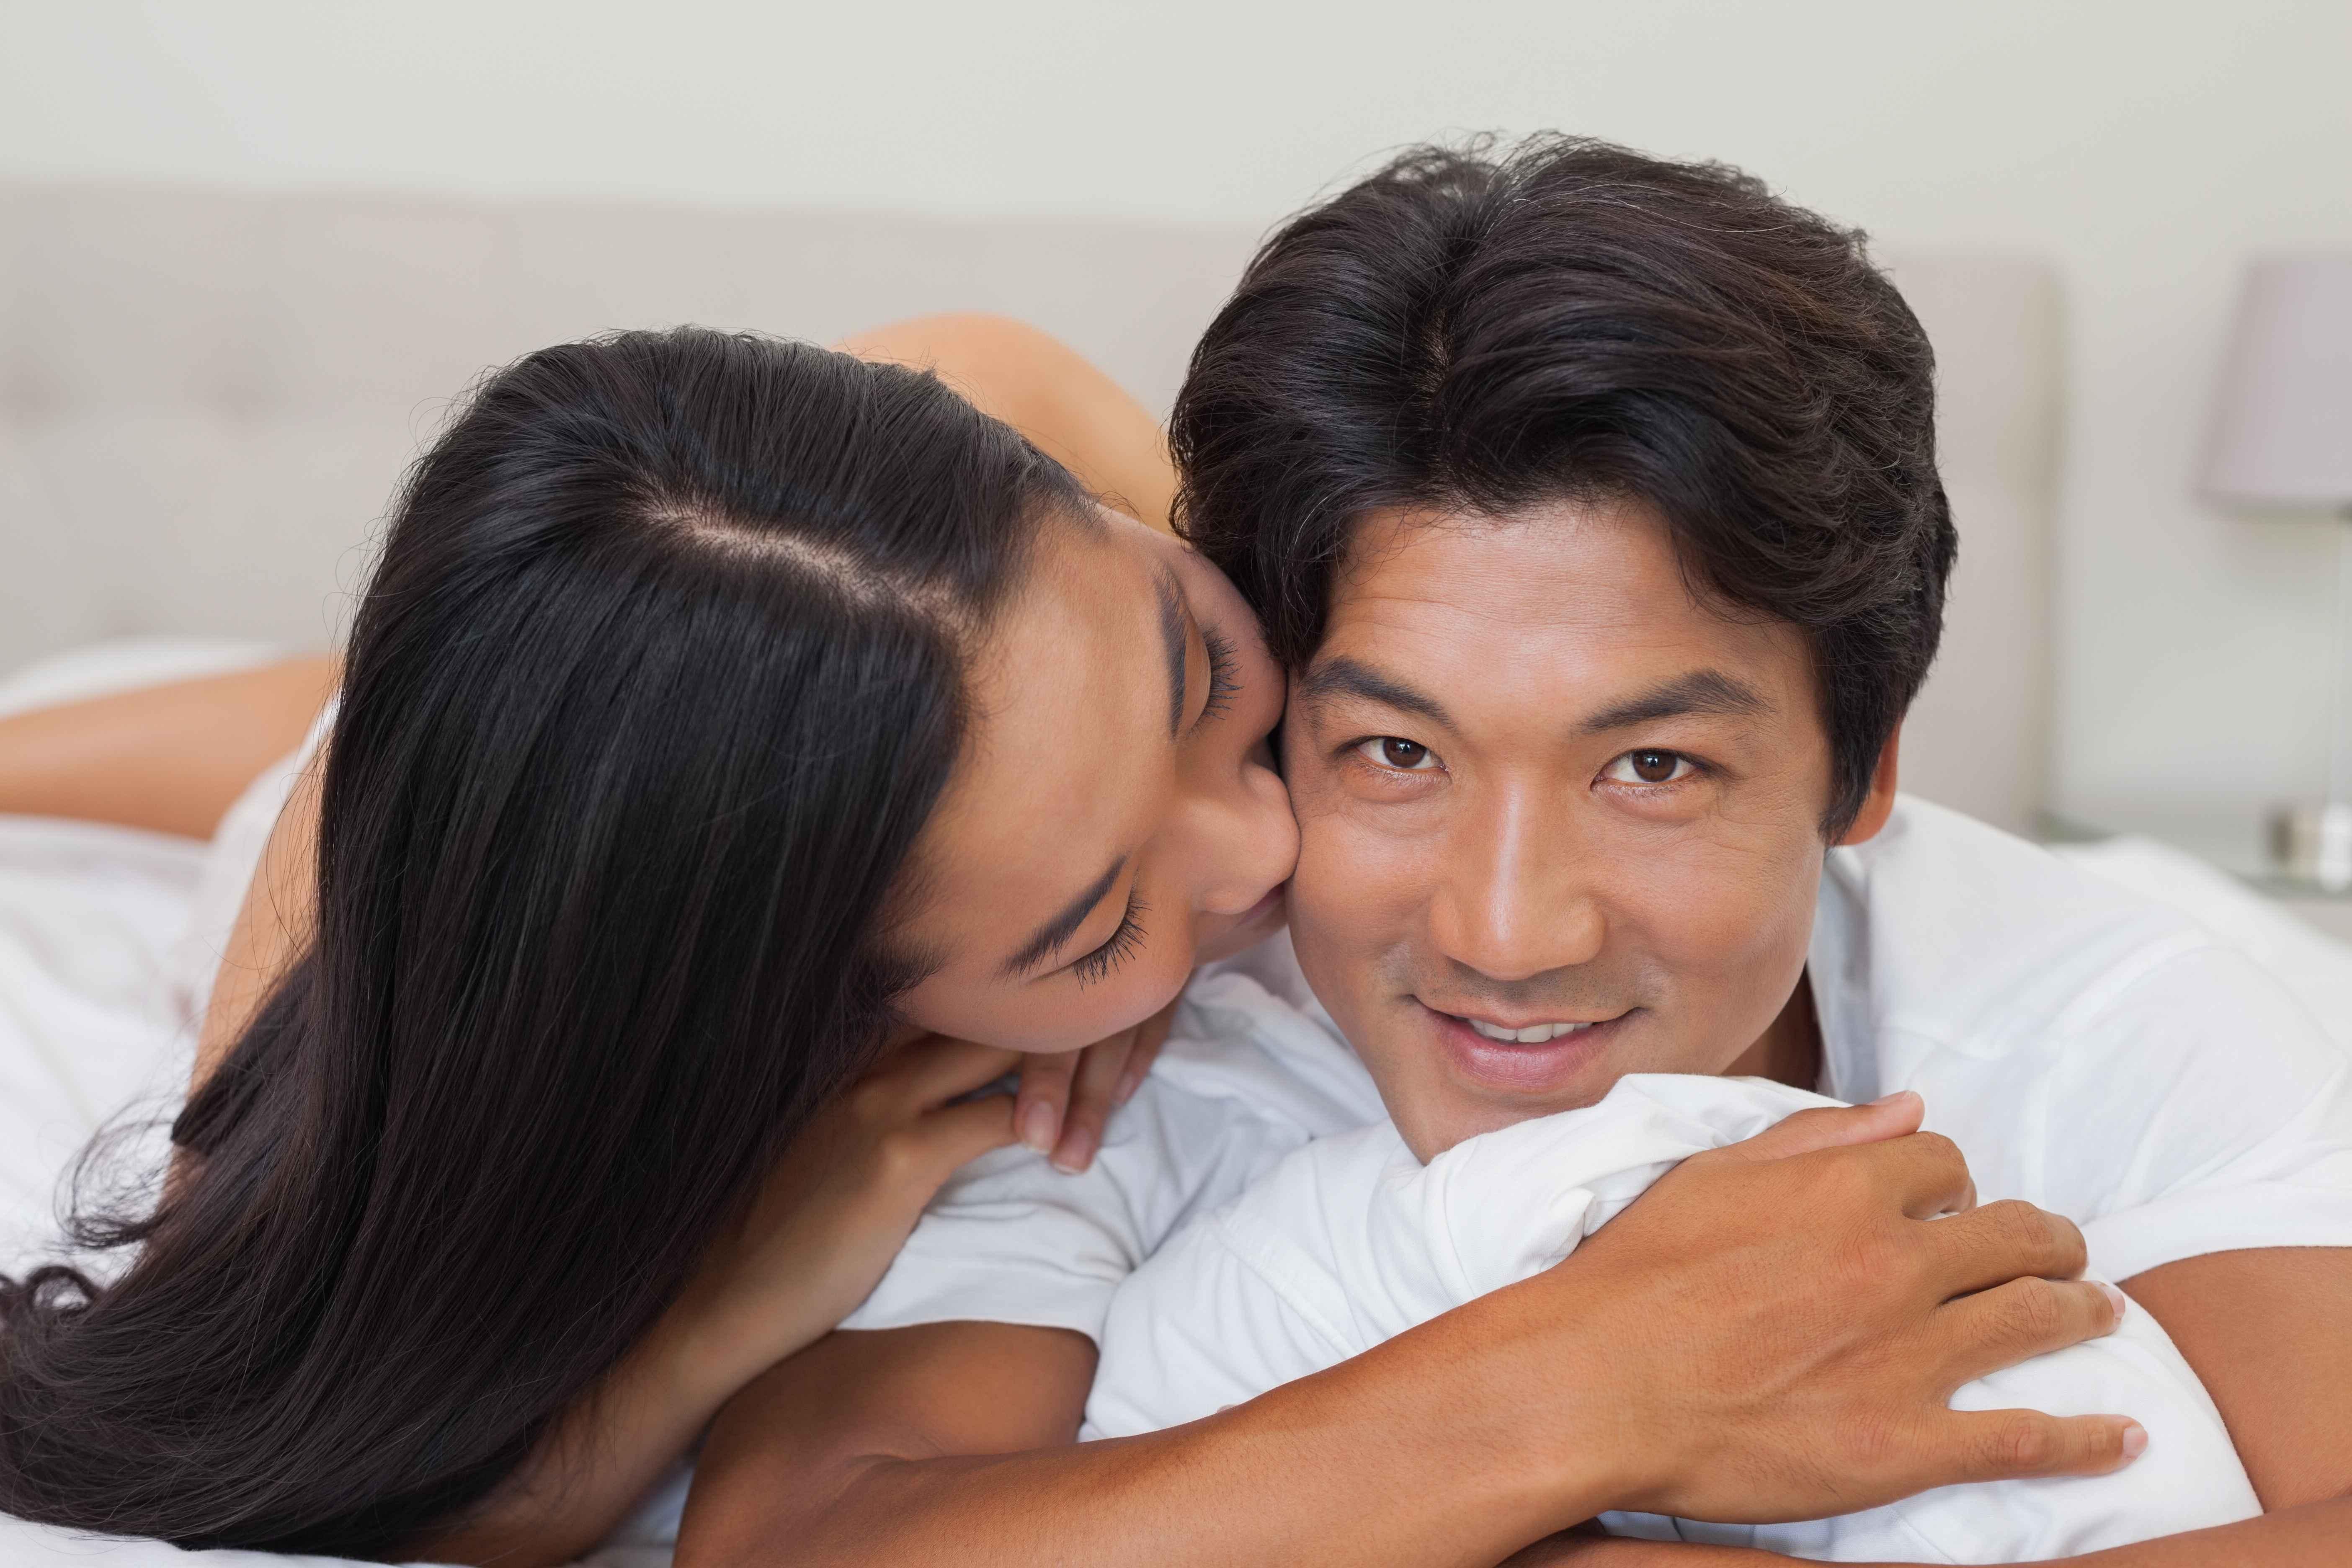 """夫妻孕期解锁""""新姿势"""",对胎宝宝智力发育有大大的好处!后悔现在知道.."""